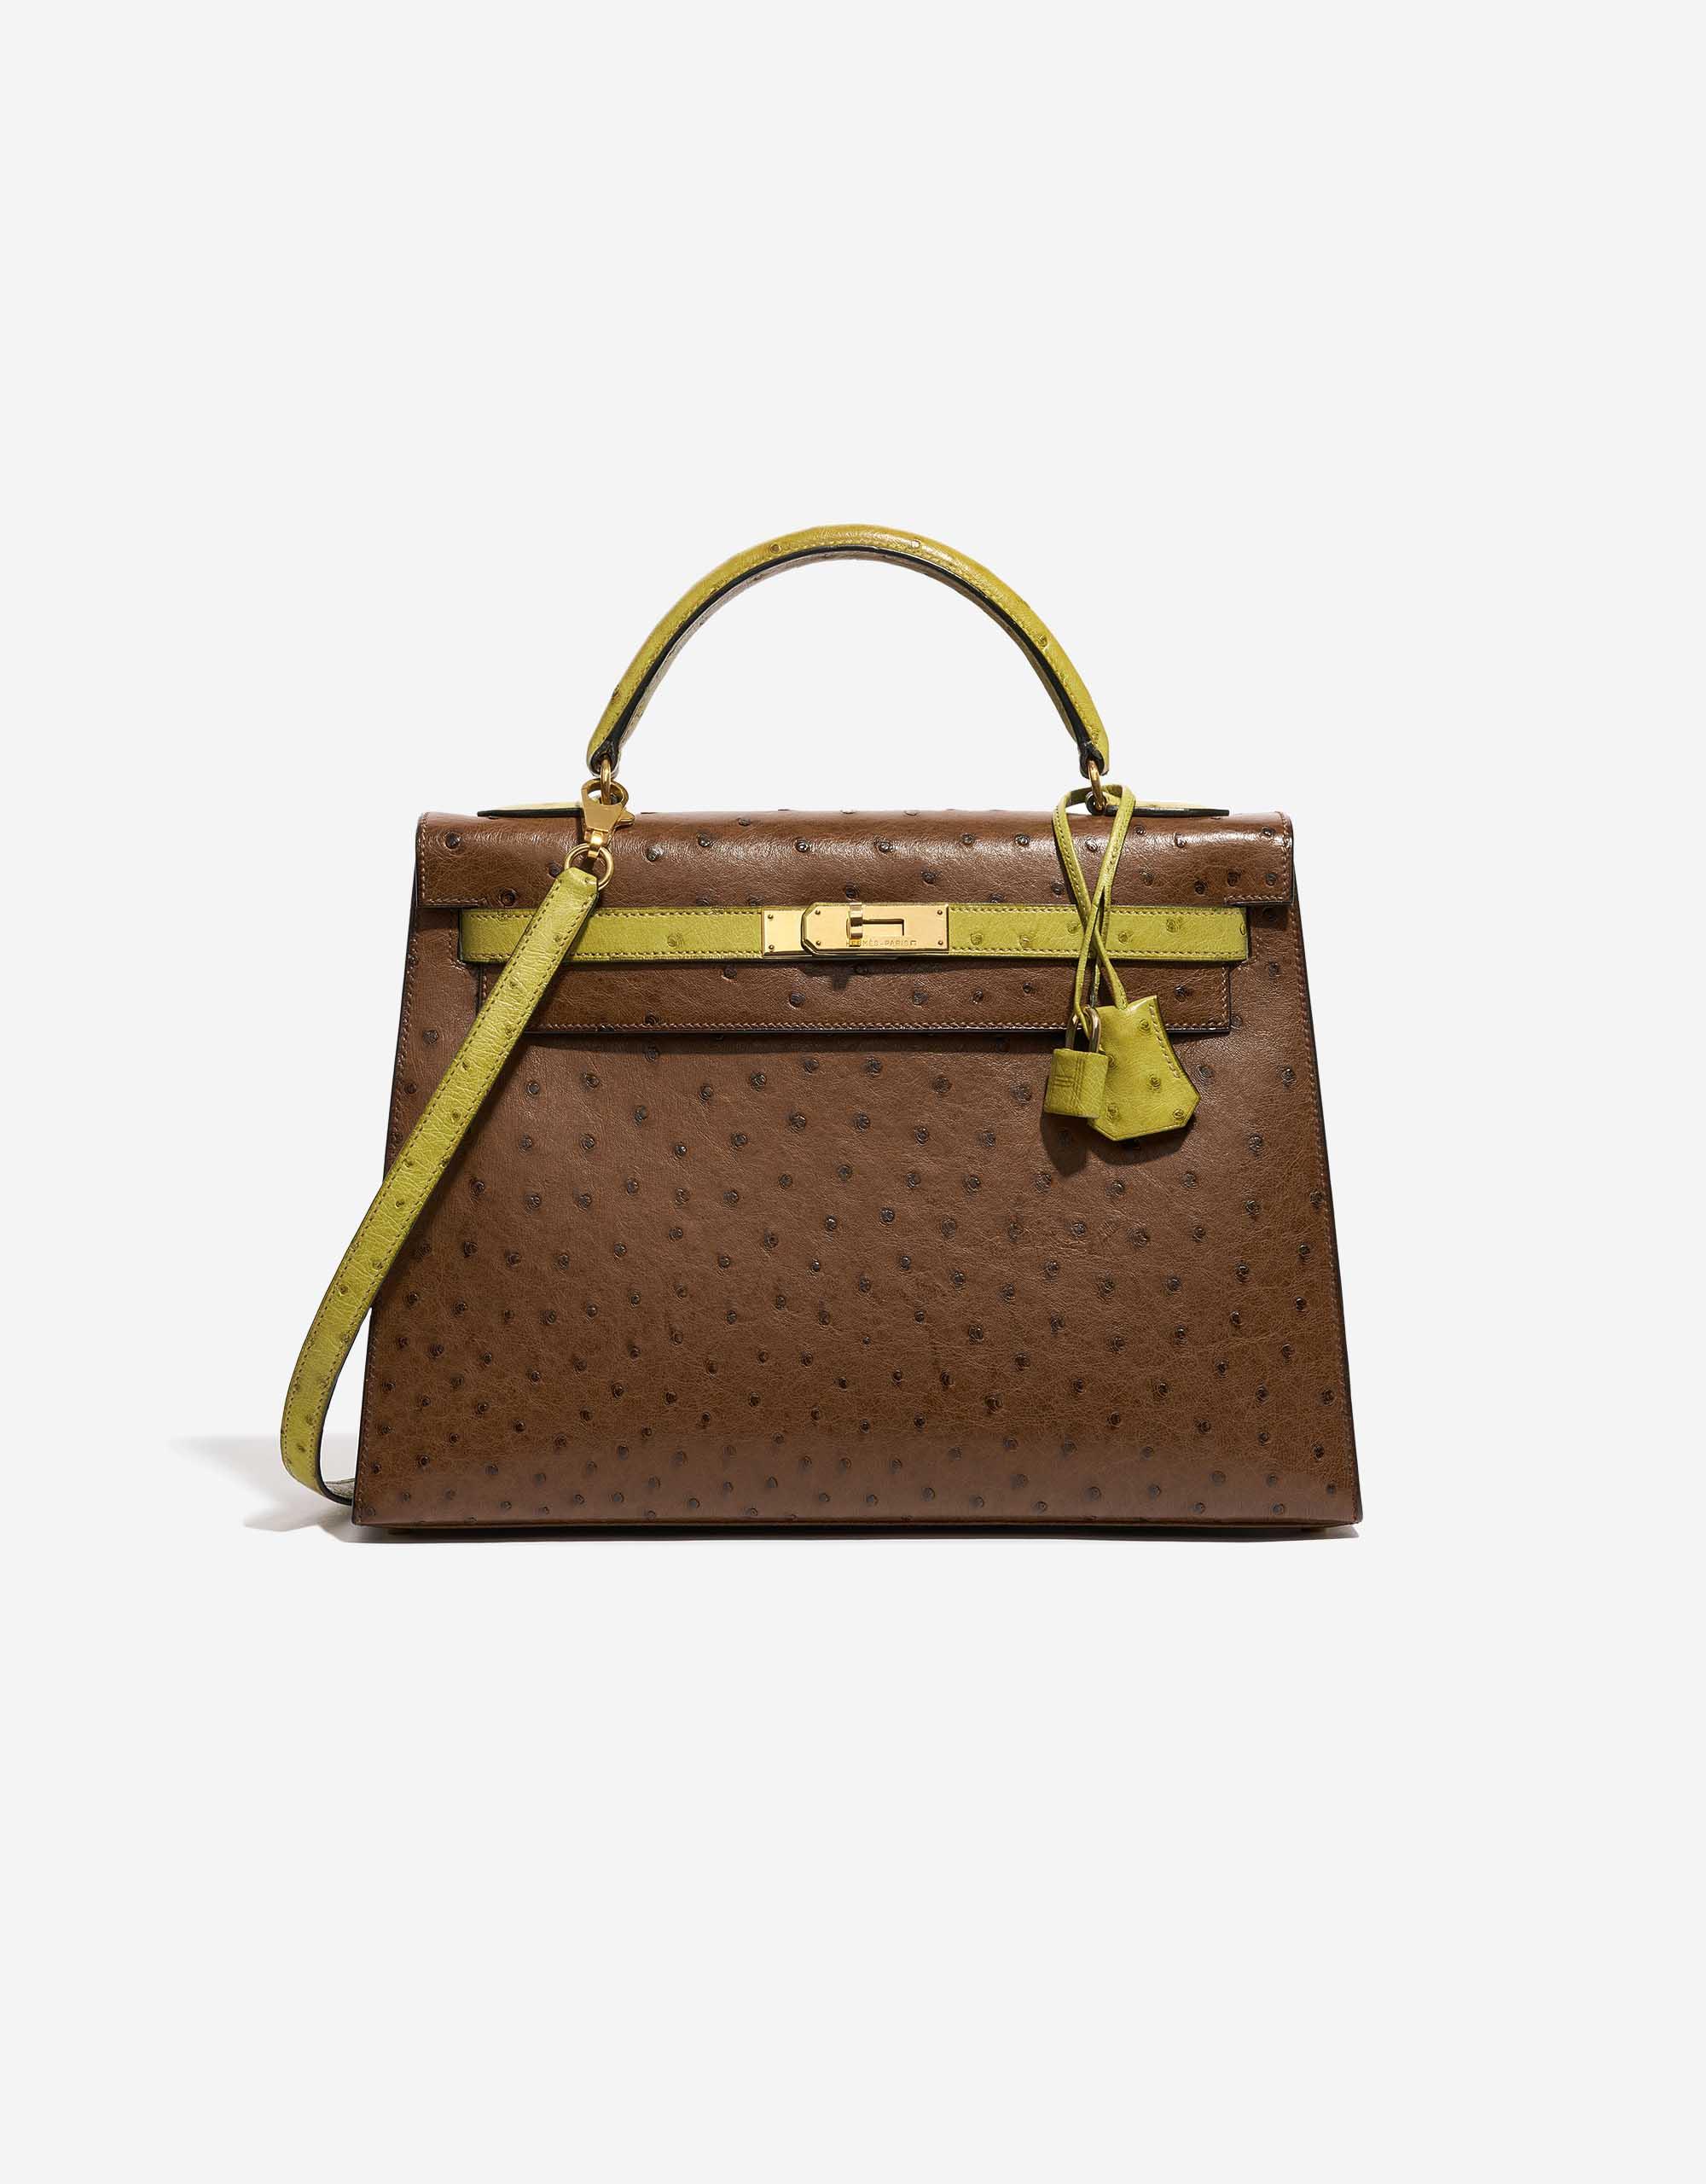 Hermès Kelly 32 Ostrich Marron / Vert Anis | SACLÀB